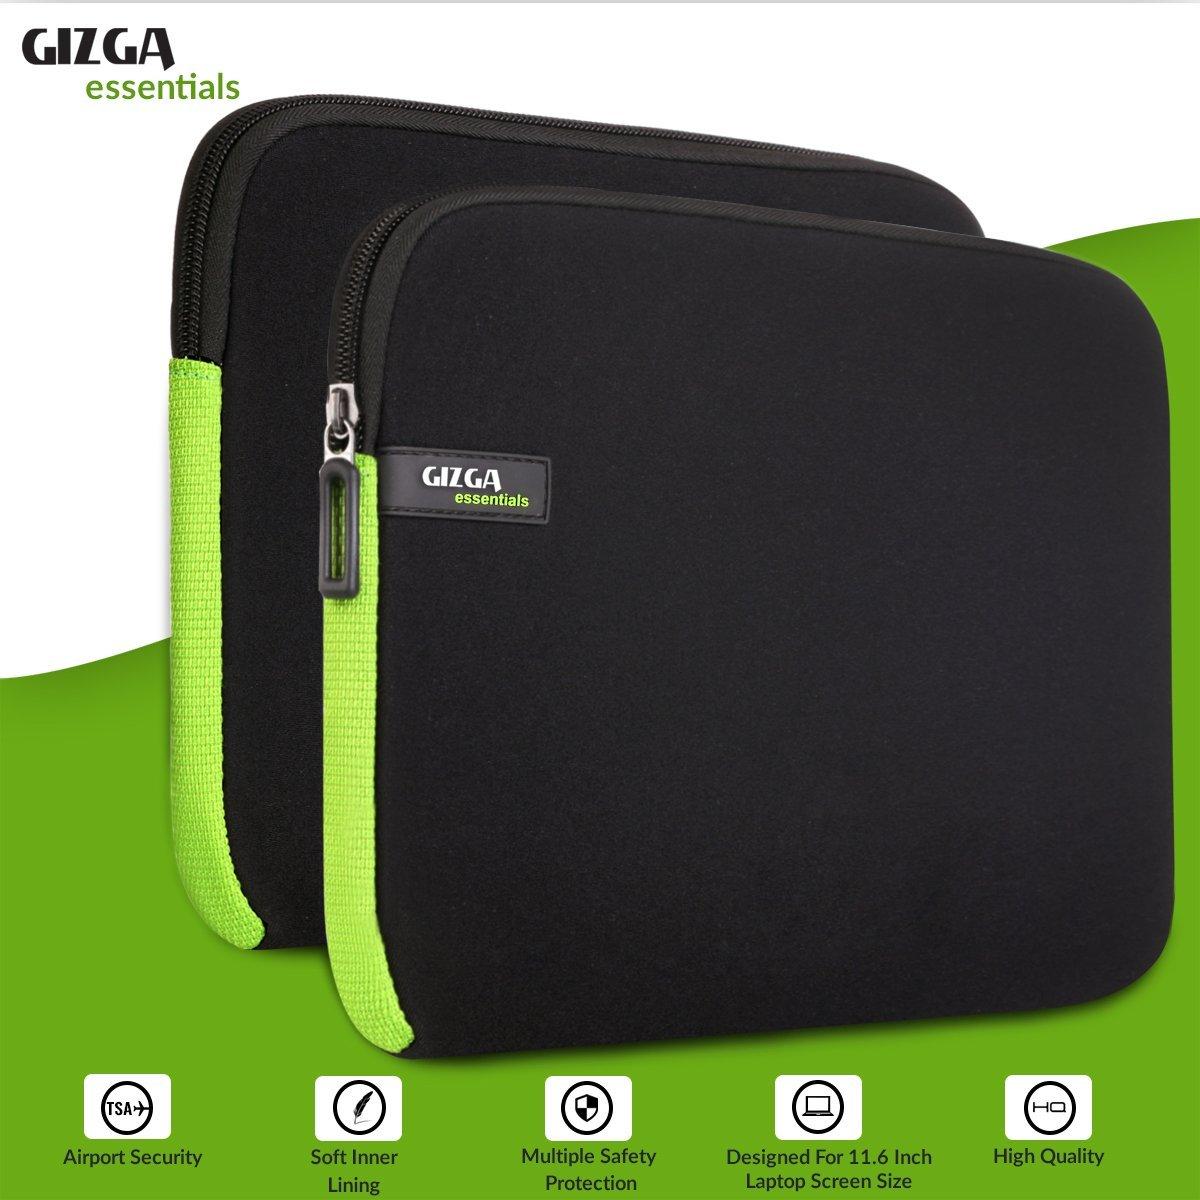 GIZGA 11 a 11,6 Pulgadas Funda protectora para portátiles / Funda de neopreno/ Neopreno del portátil / Funda para portátil / Funda neopreno portatil / Funda ...